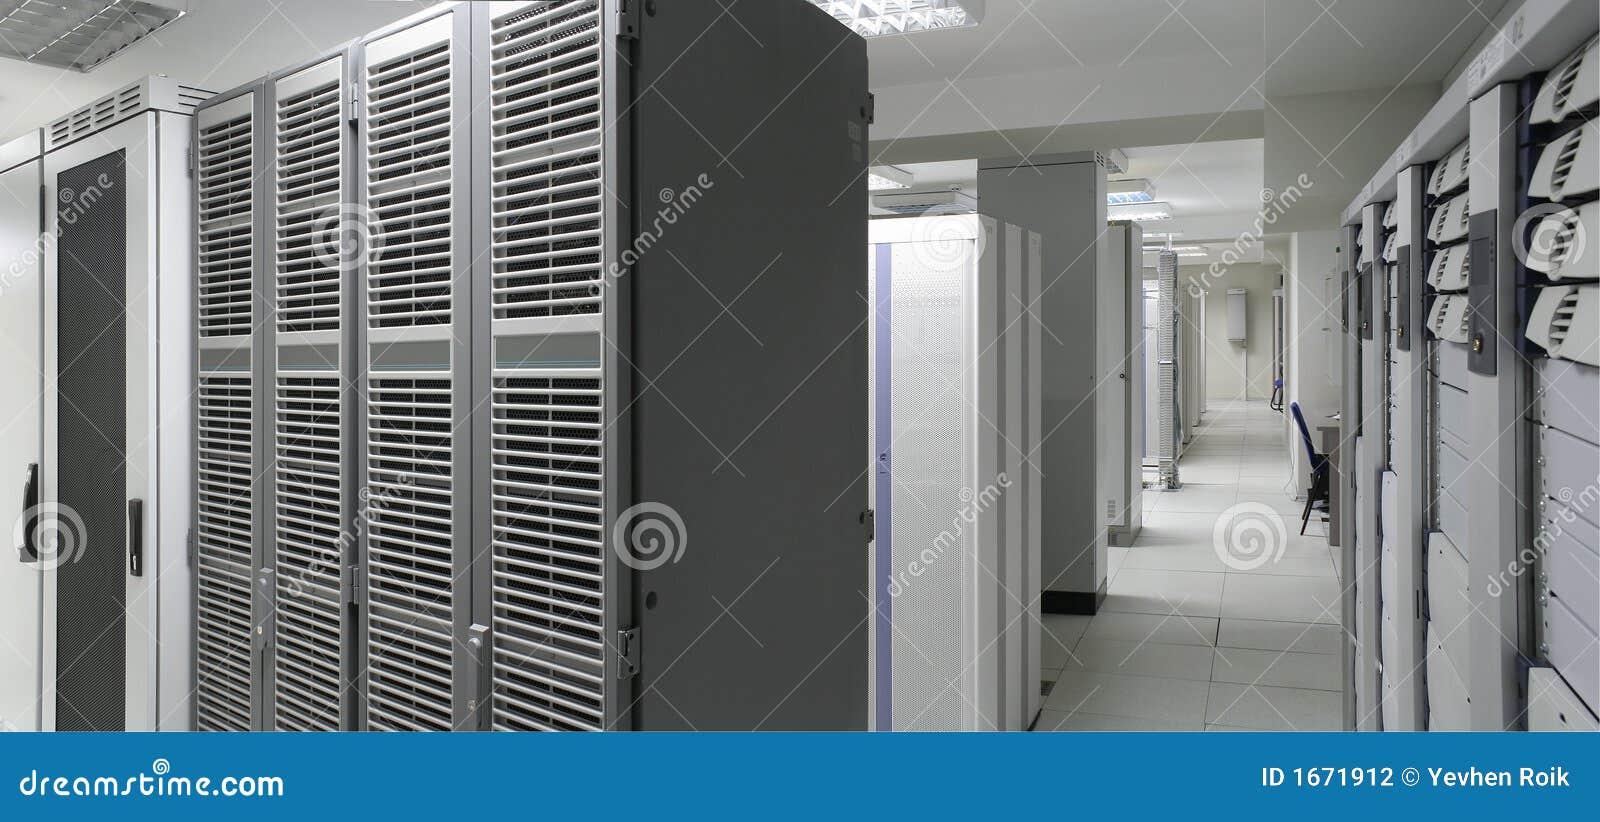 Center serveror